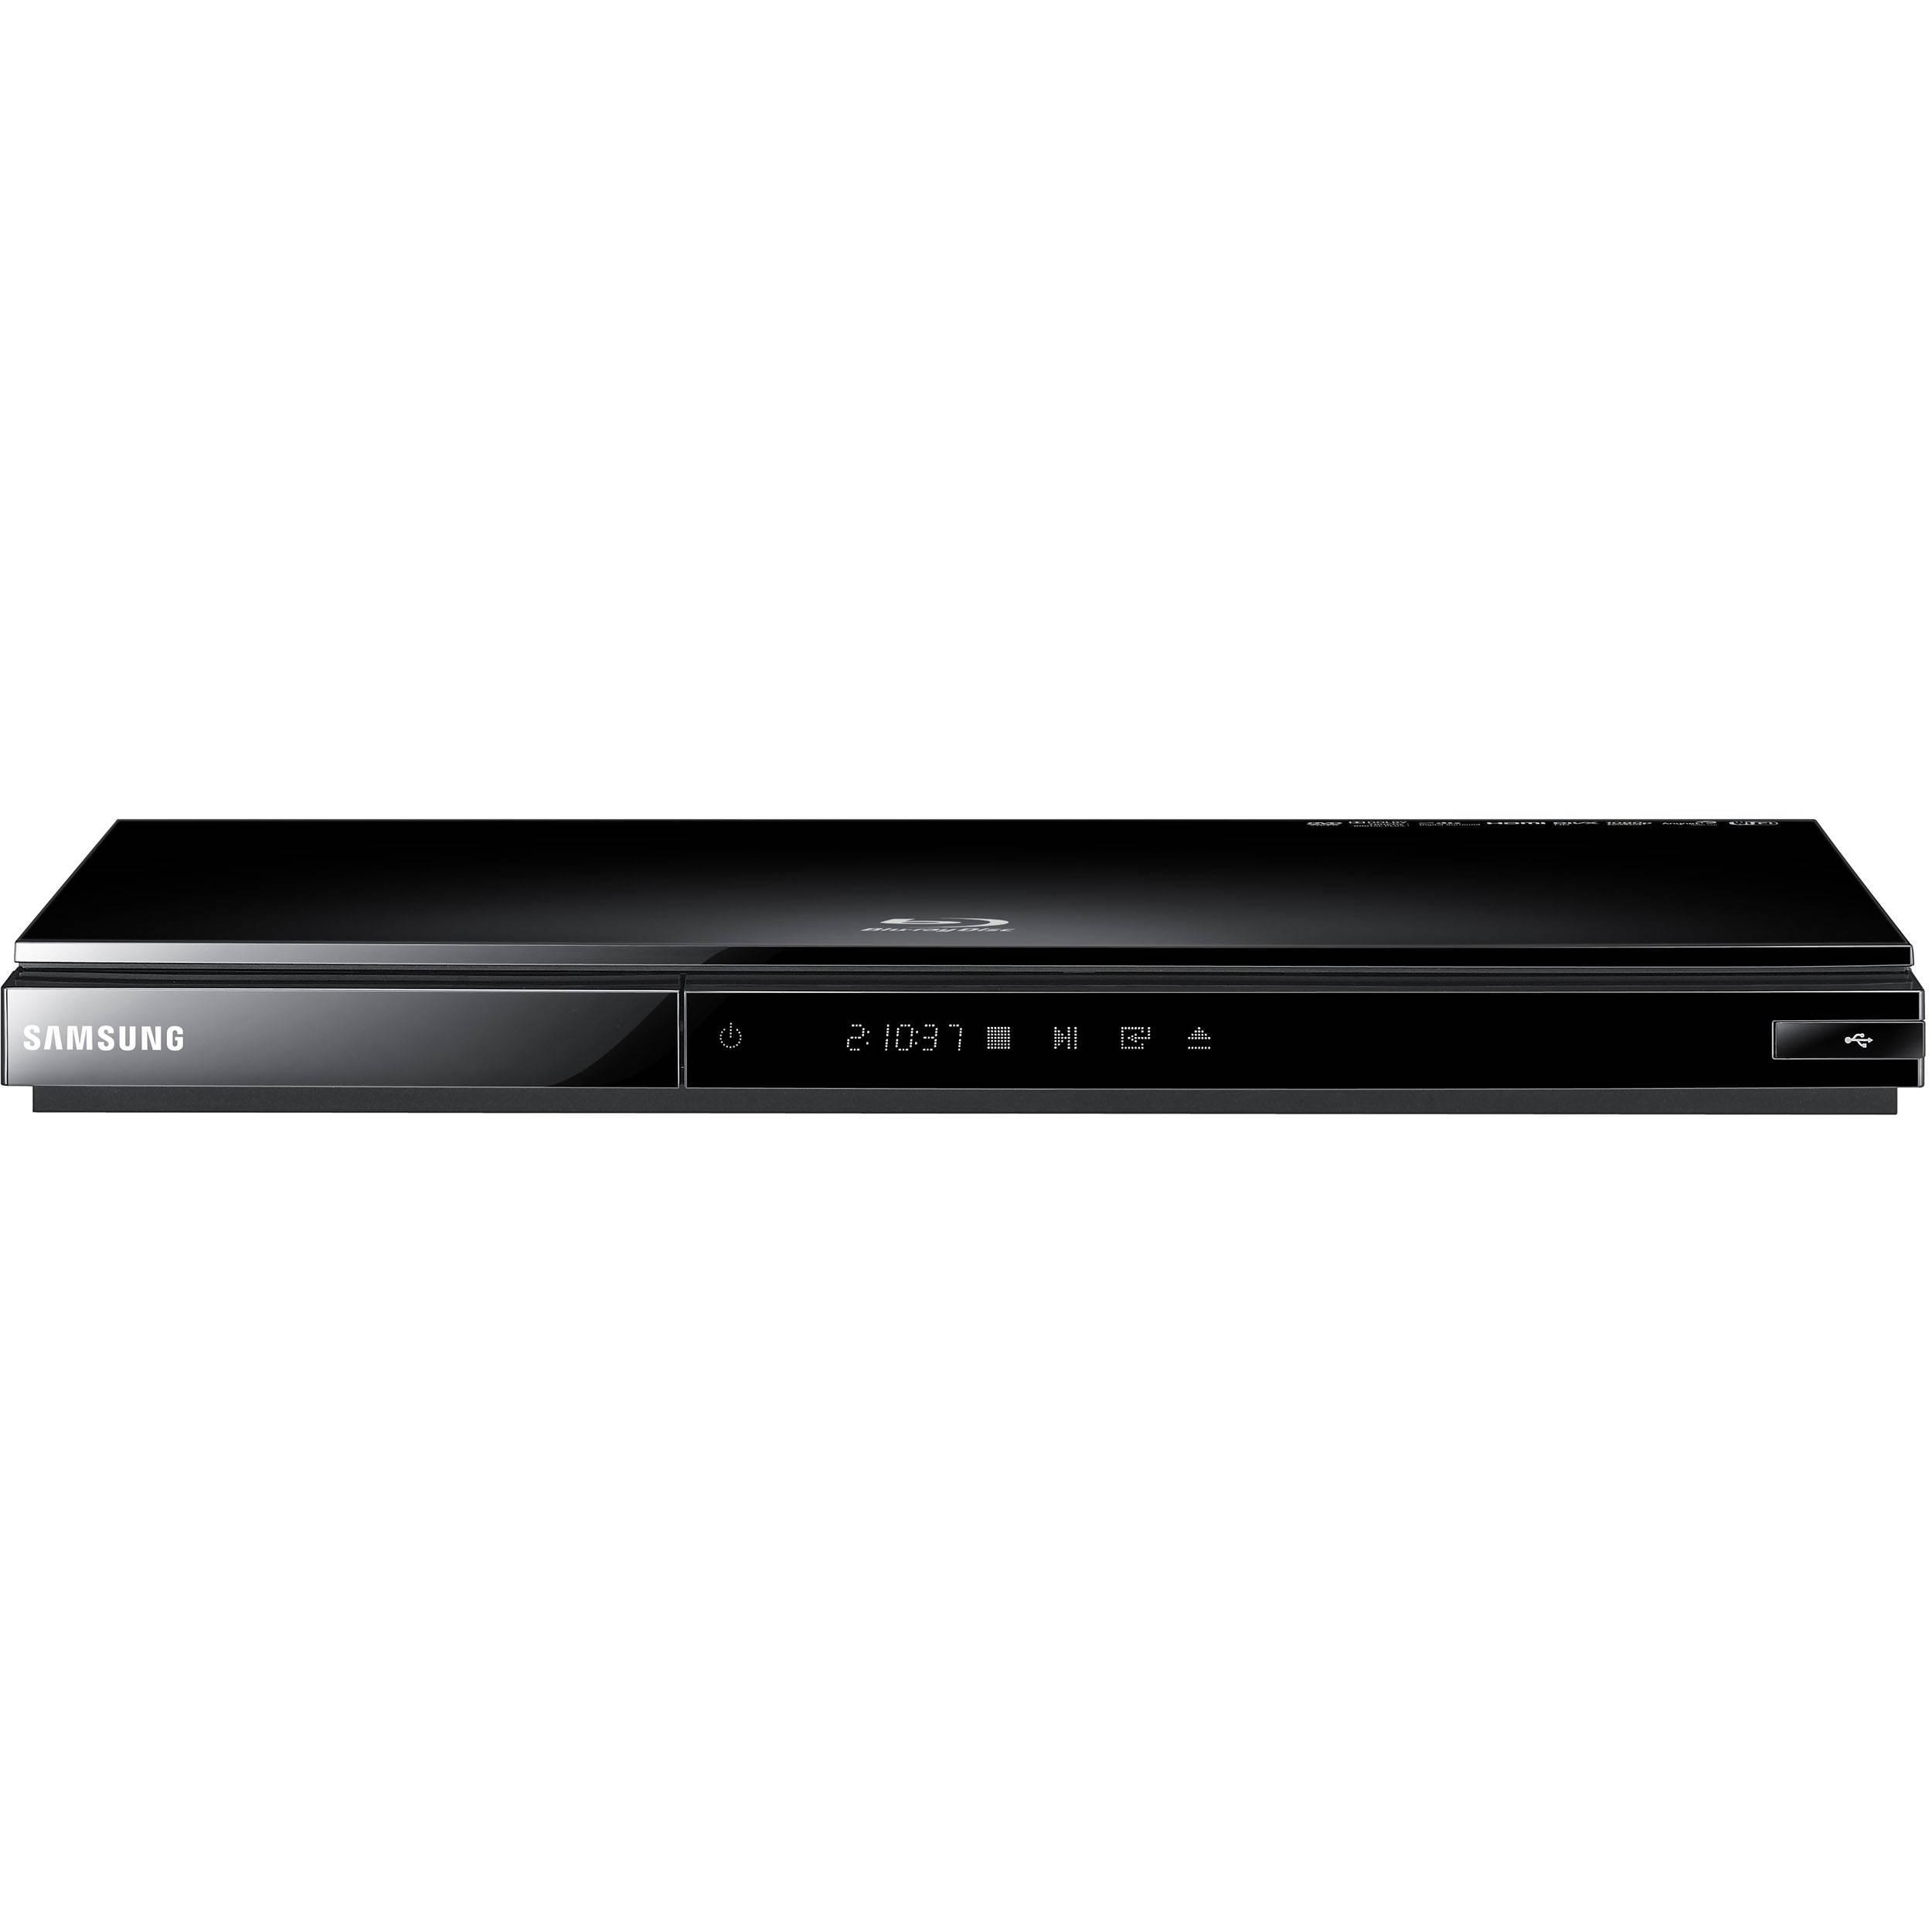 samsung bd d5700 blu ray disc player bd d5700 b h photo video rh bhphotovideo com samsung bd d5700 manual pdf samsung bd-d5700 manual